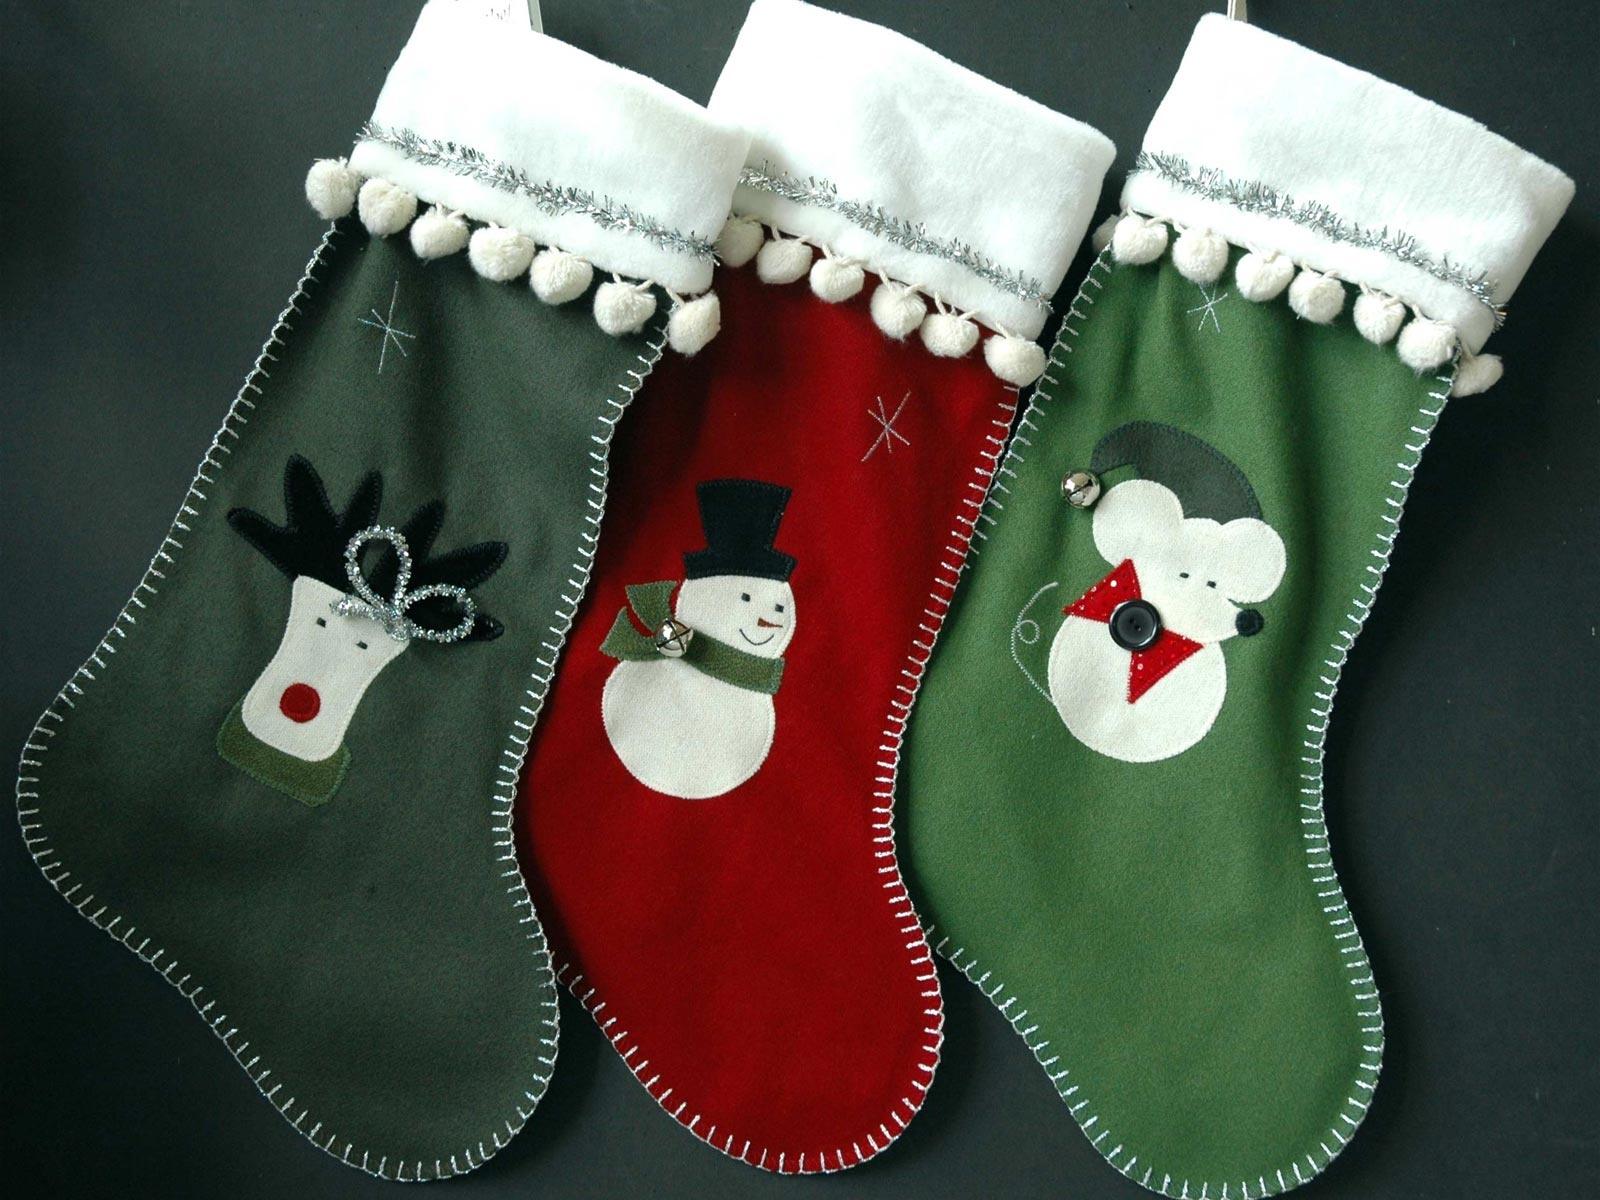 Calcetilandia calcetines para todo y tod s - Calcetines de navidad personalizados ...